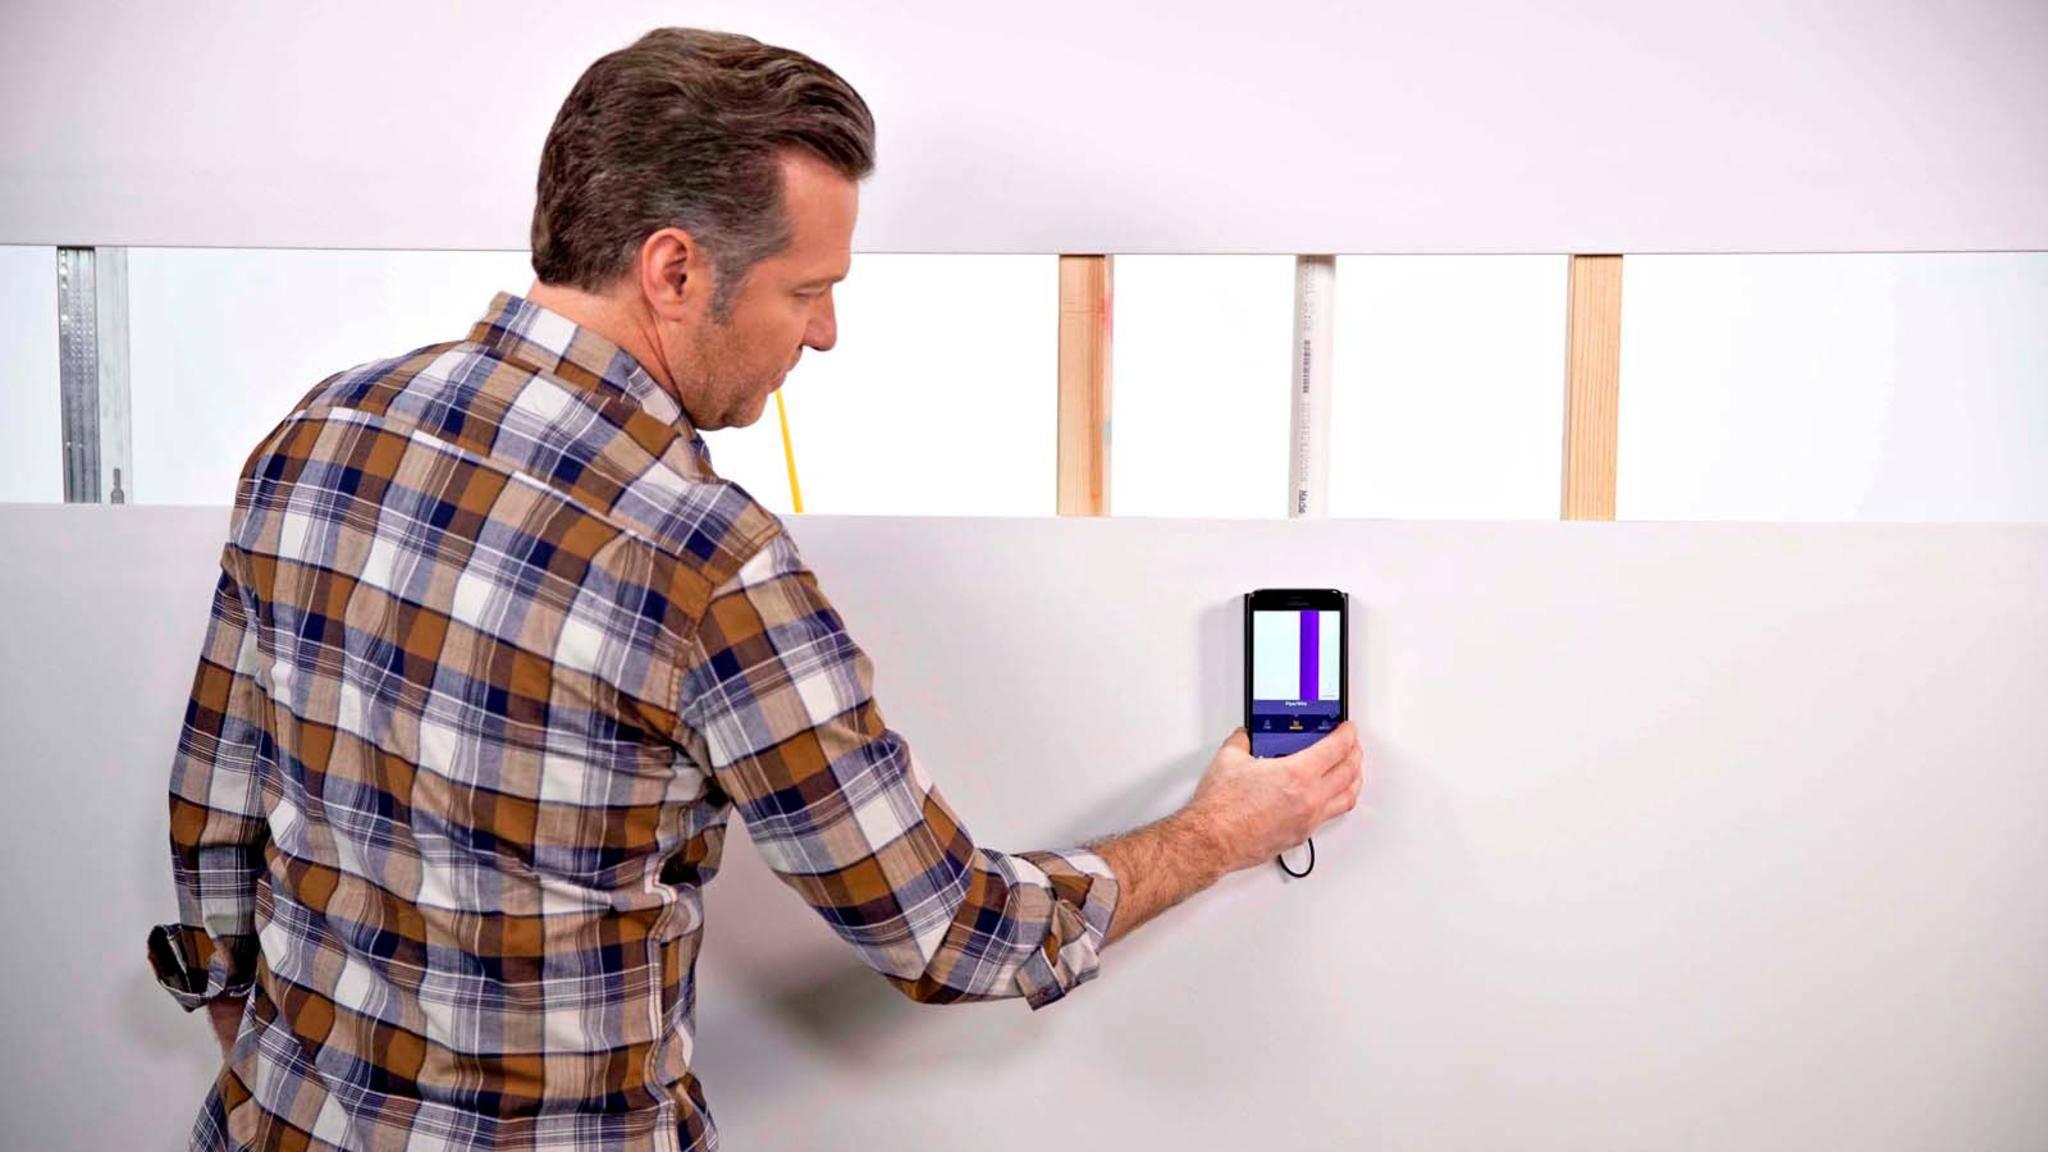 Walabot erkennt nicht nur, wo sich Hindernisse in der Wand befinden, sondern kennzeichnet auch farblich, ob es sich um Kabel, Metall oder Holz handelt.